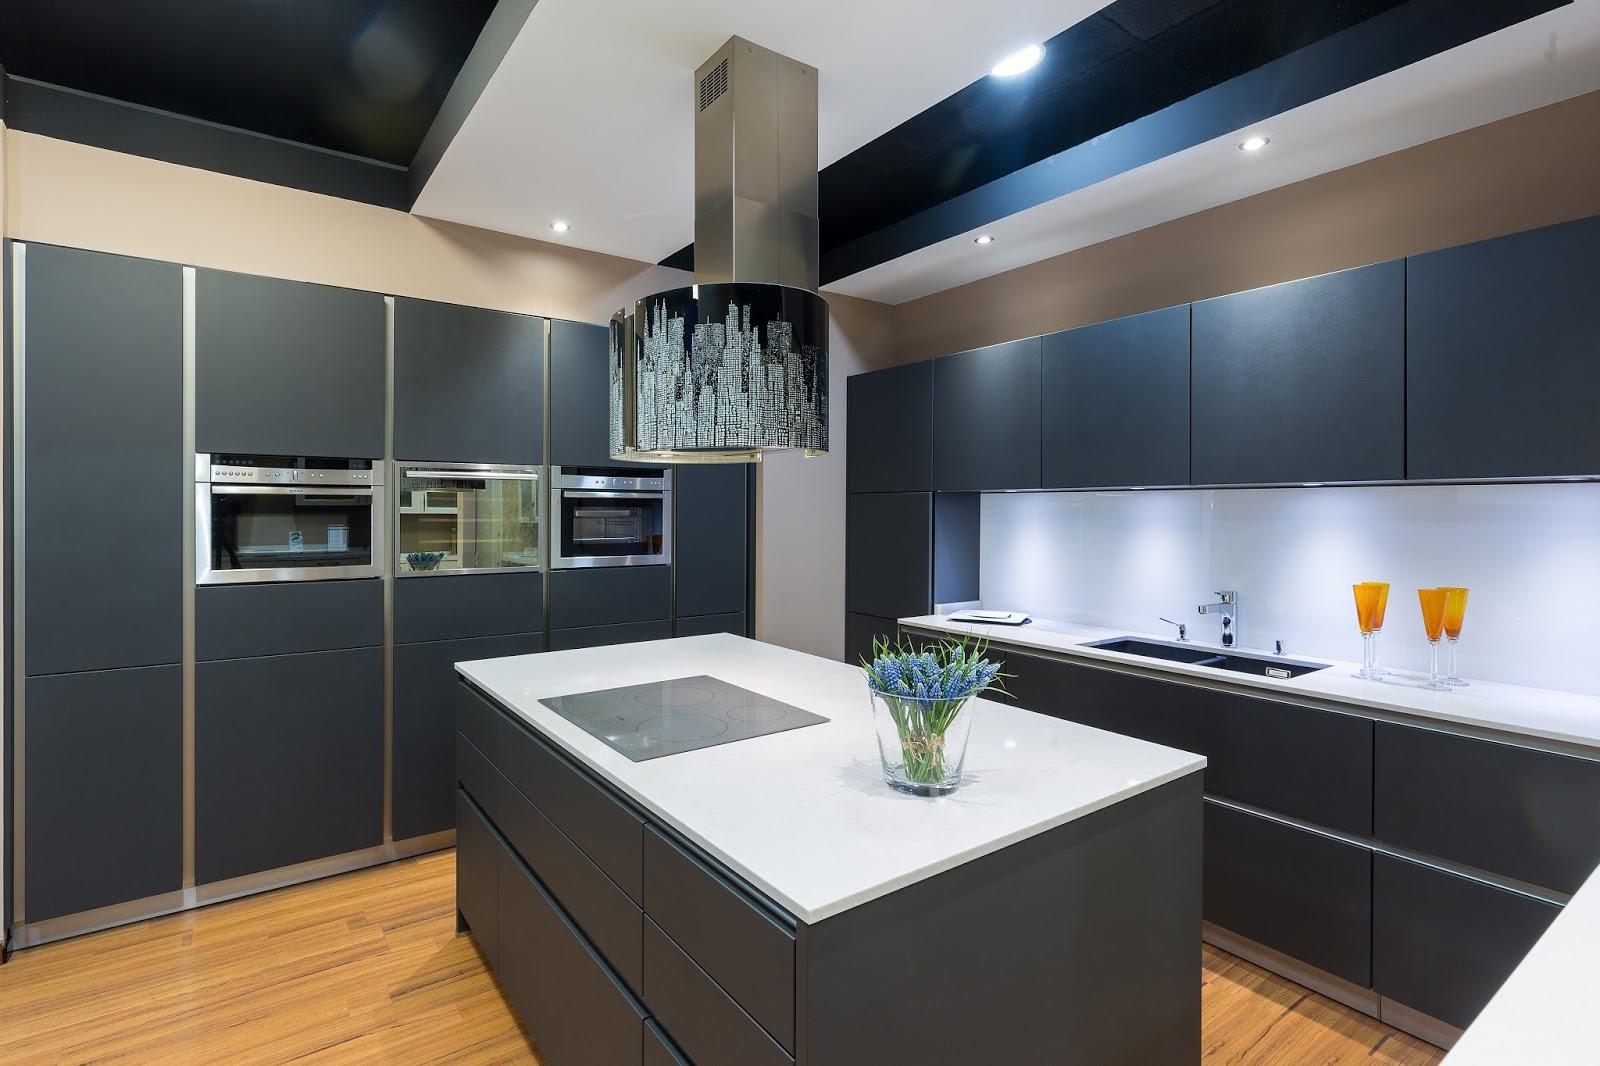 Deco la cocina actual dise os abiertos y funcionales for Cocina 6 metros cuadrados